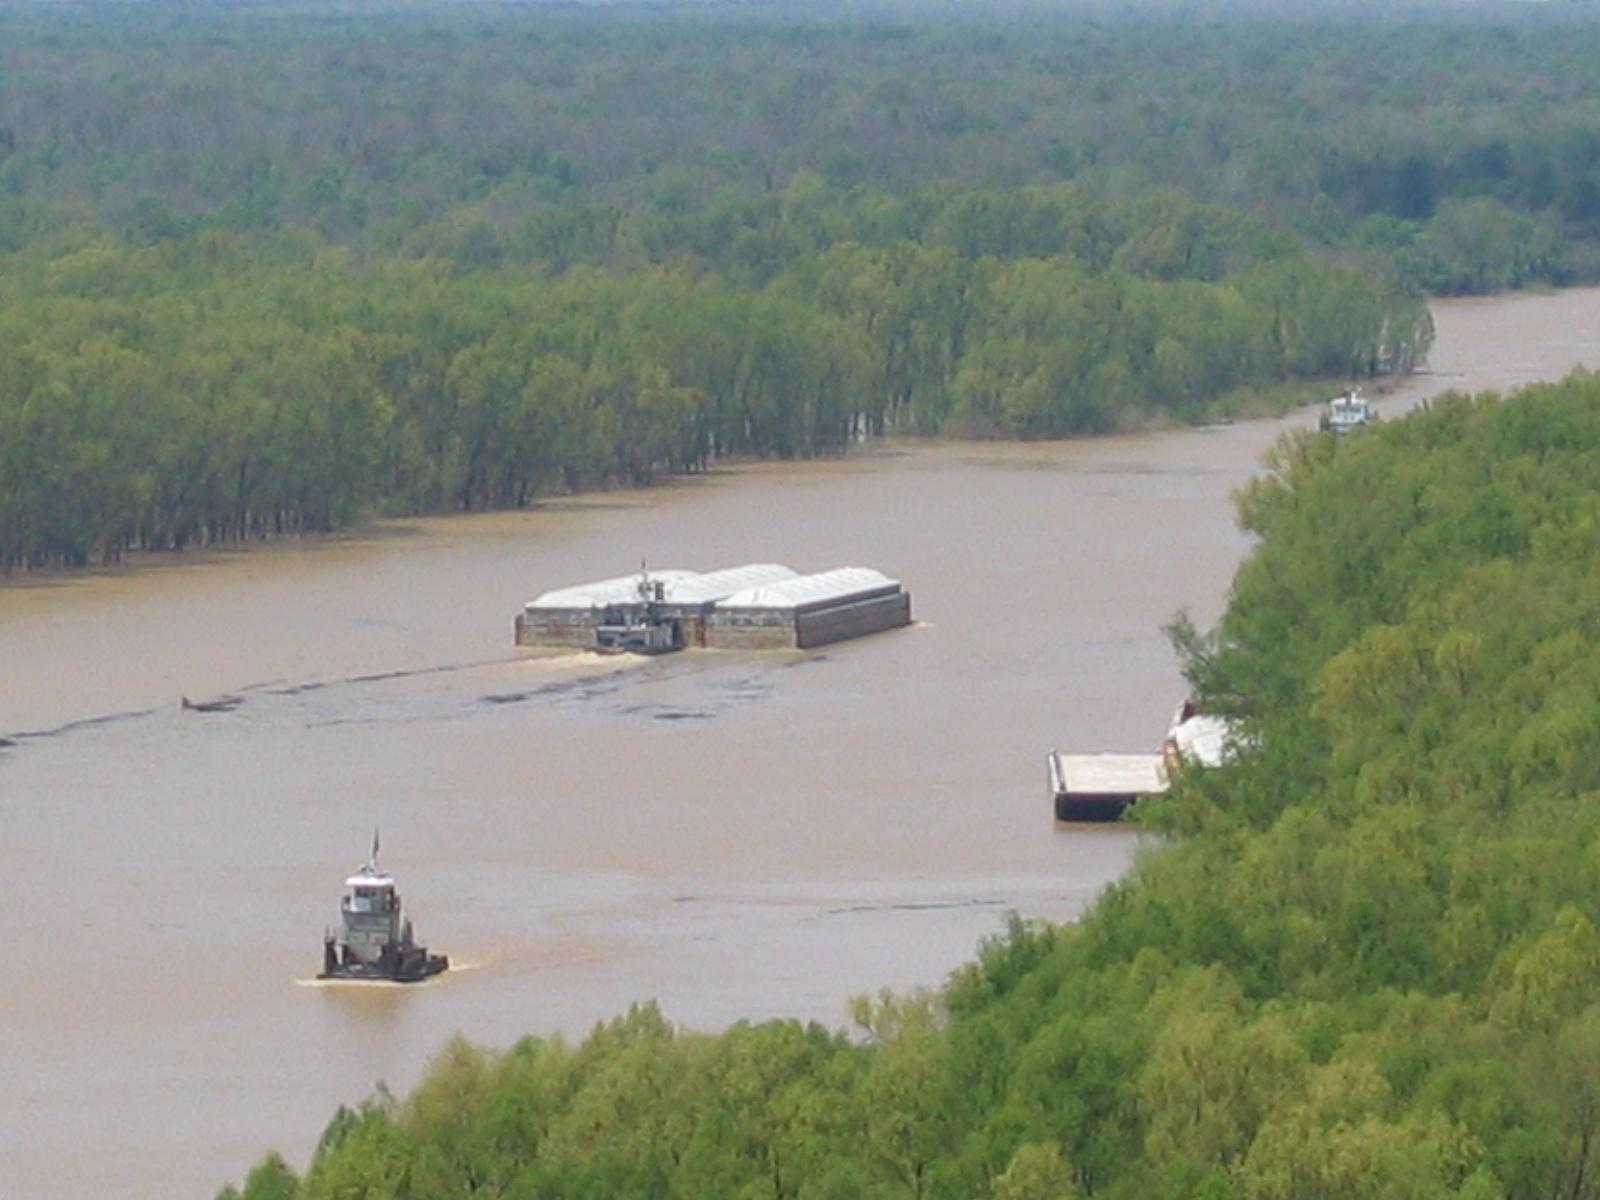 Der Yazoo River war schon immer ein wichtiger Transportweg